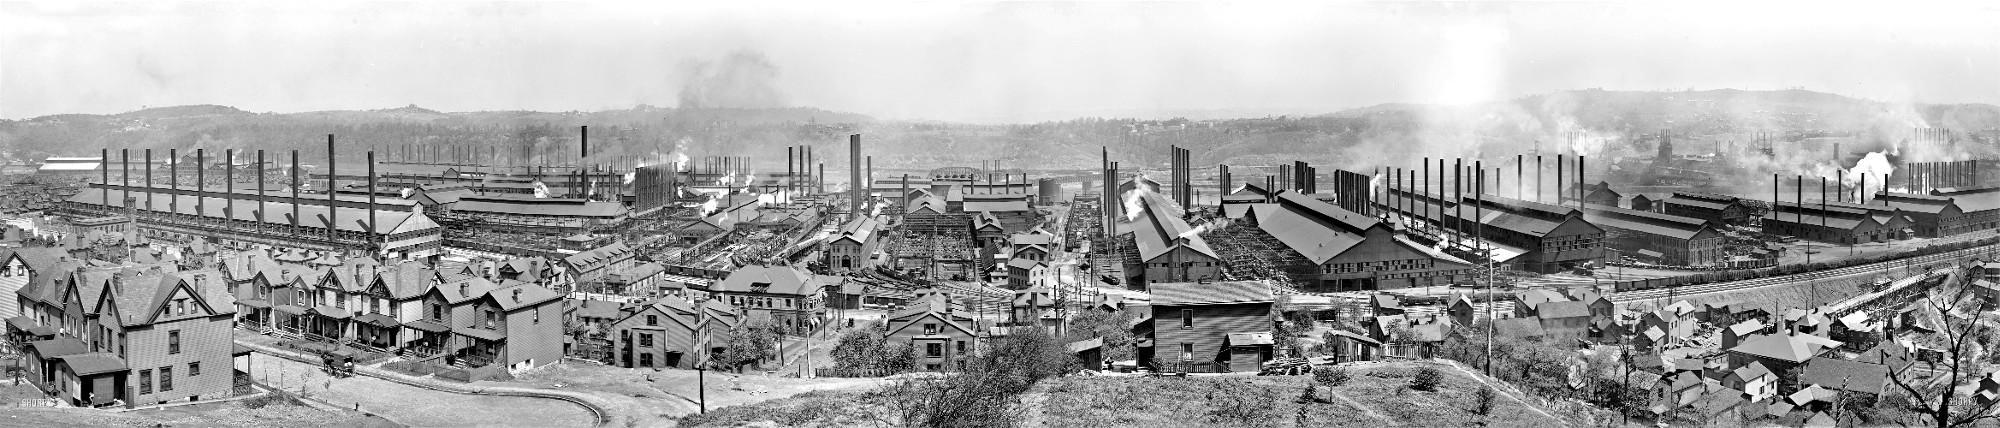 Carnegie Steel Homestead Works, 1910